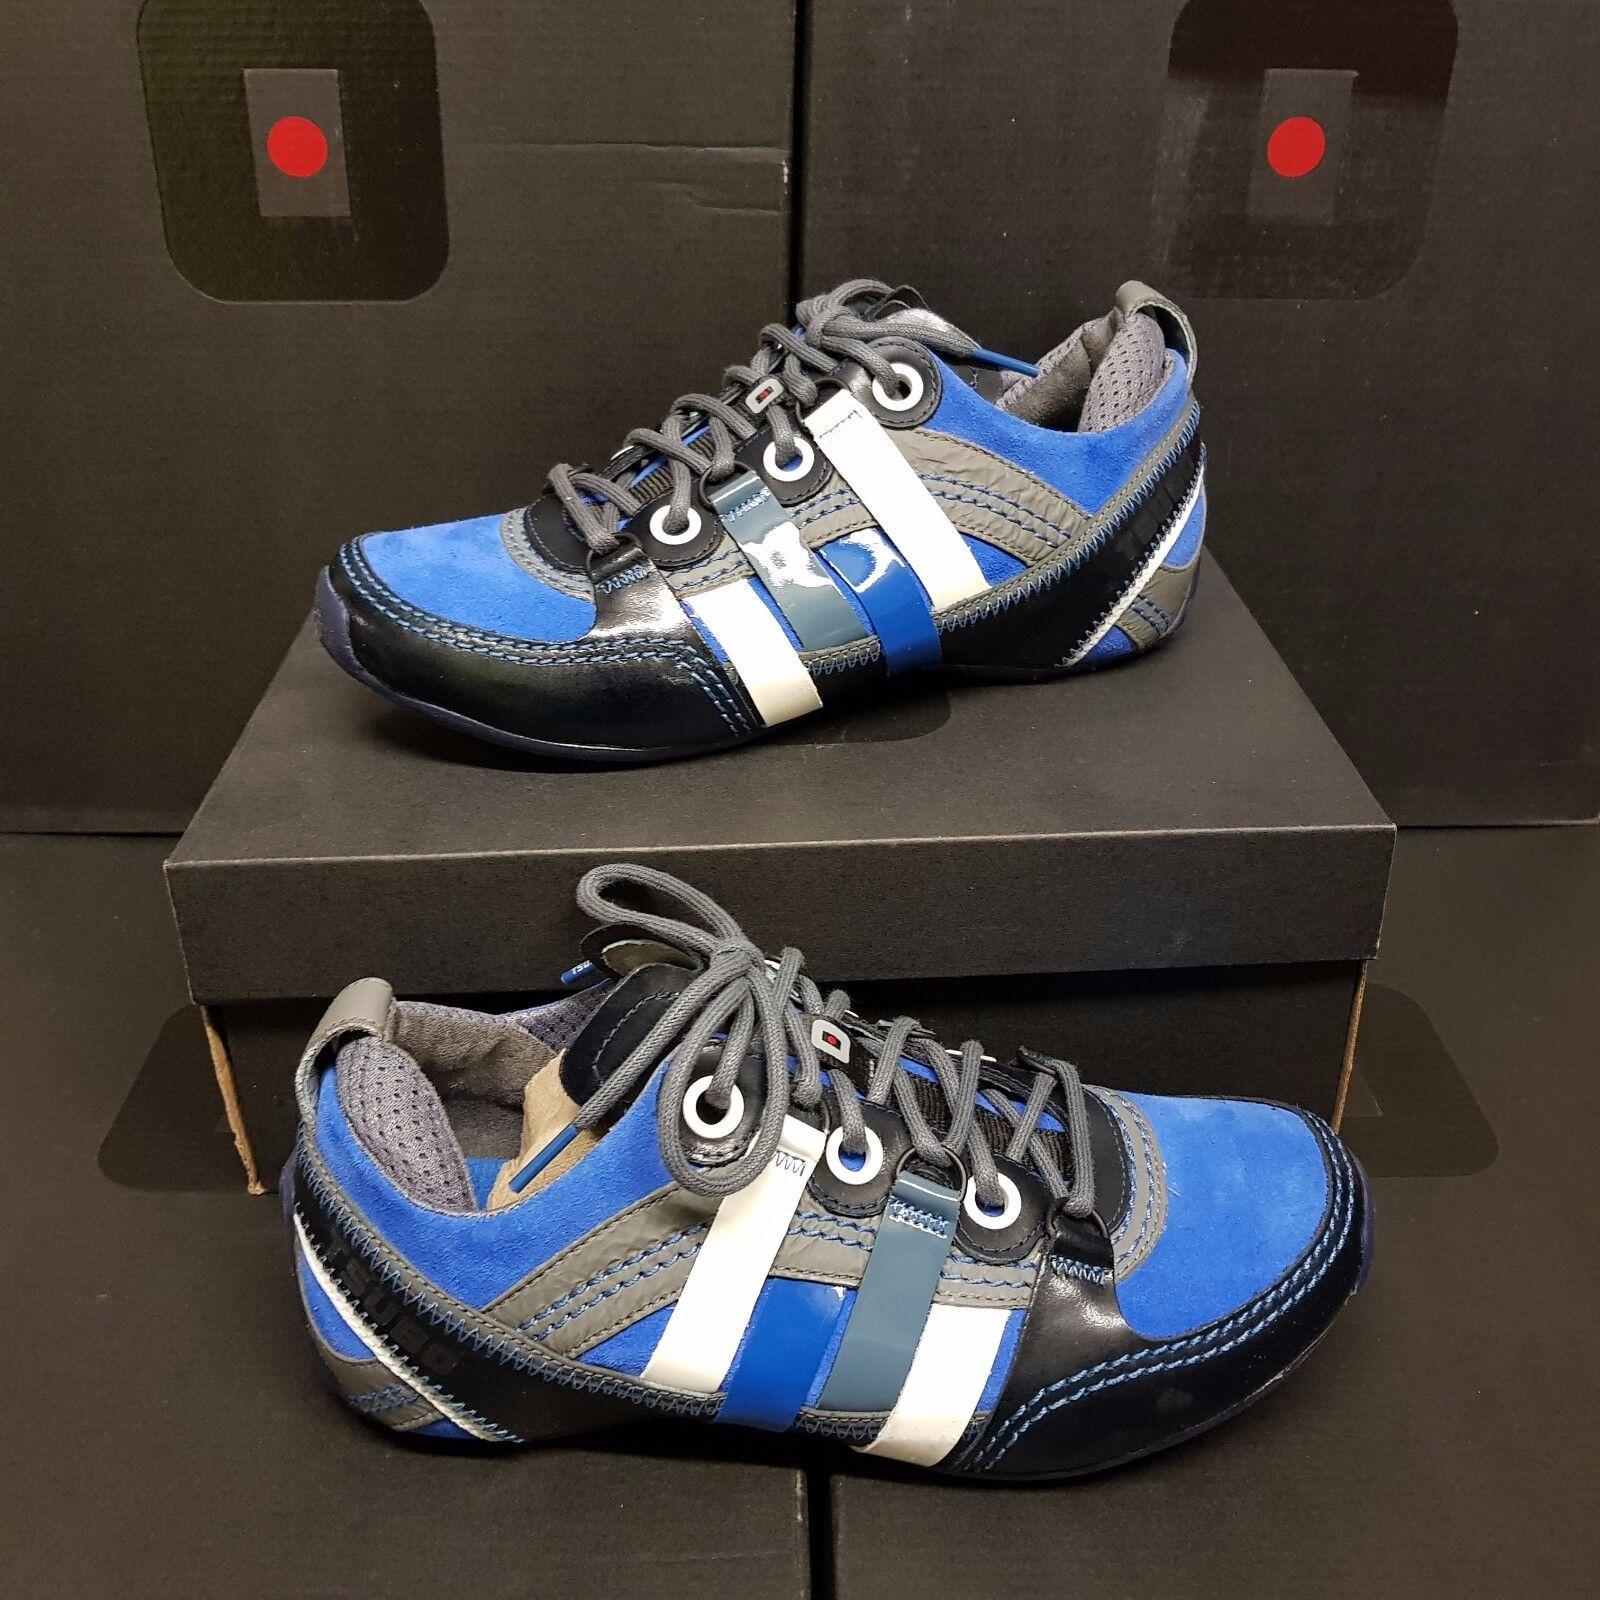 TSUBO  Tycho  Men's zapatillas zapatos Cuir azul US 8.5 (rrp )